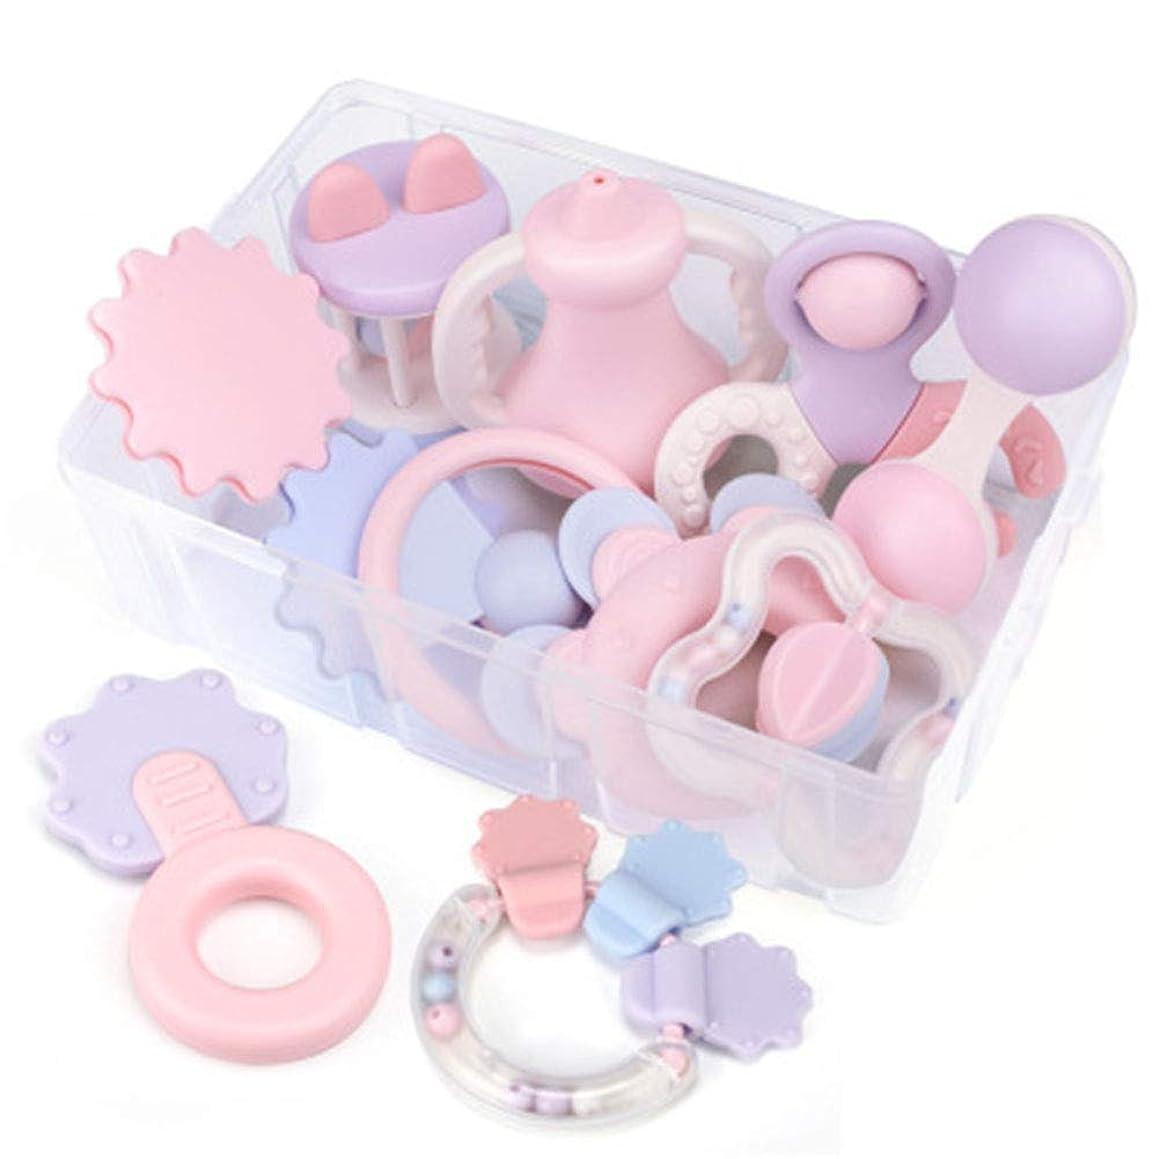 縫う人種終了するベビーギフトボックス、新生児ゆでガラガラギフトセット、幼児のおしゃぶりガラガラギフトのおもちゃセット